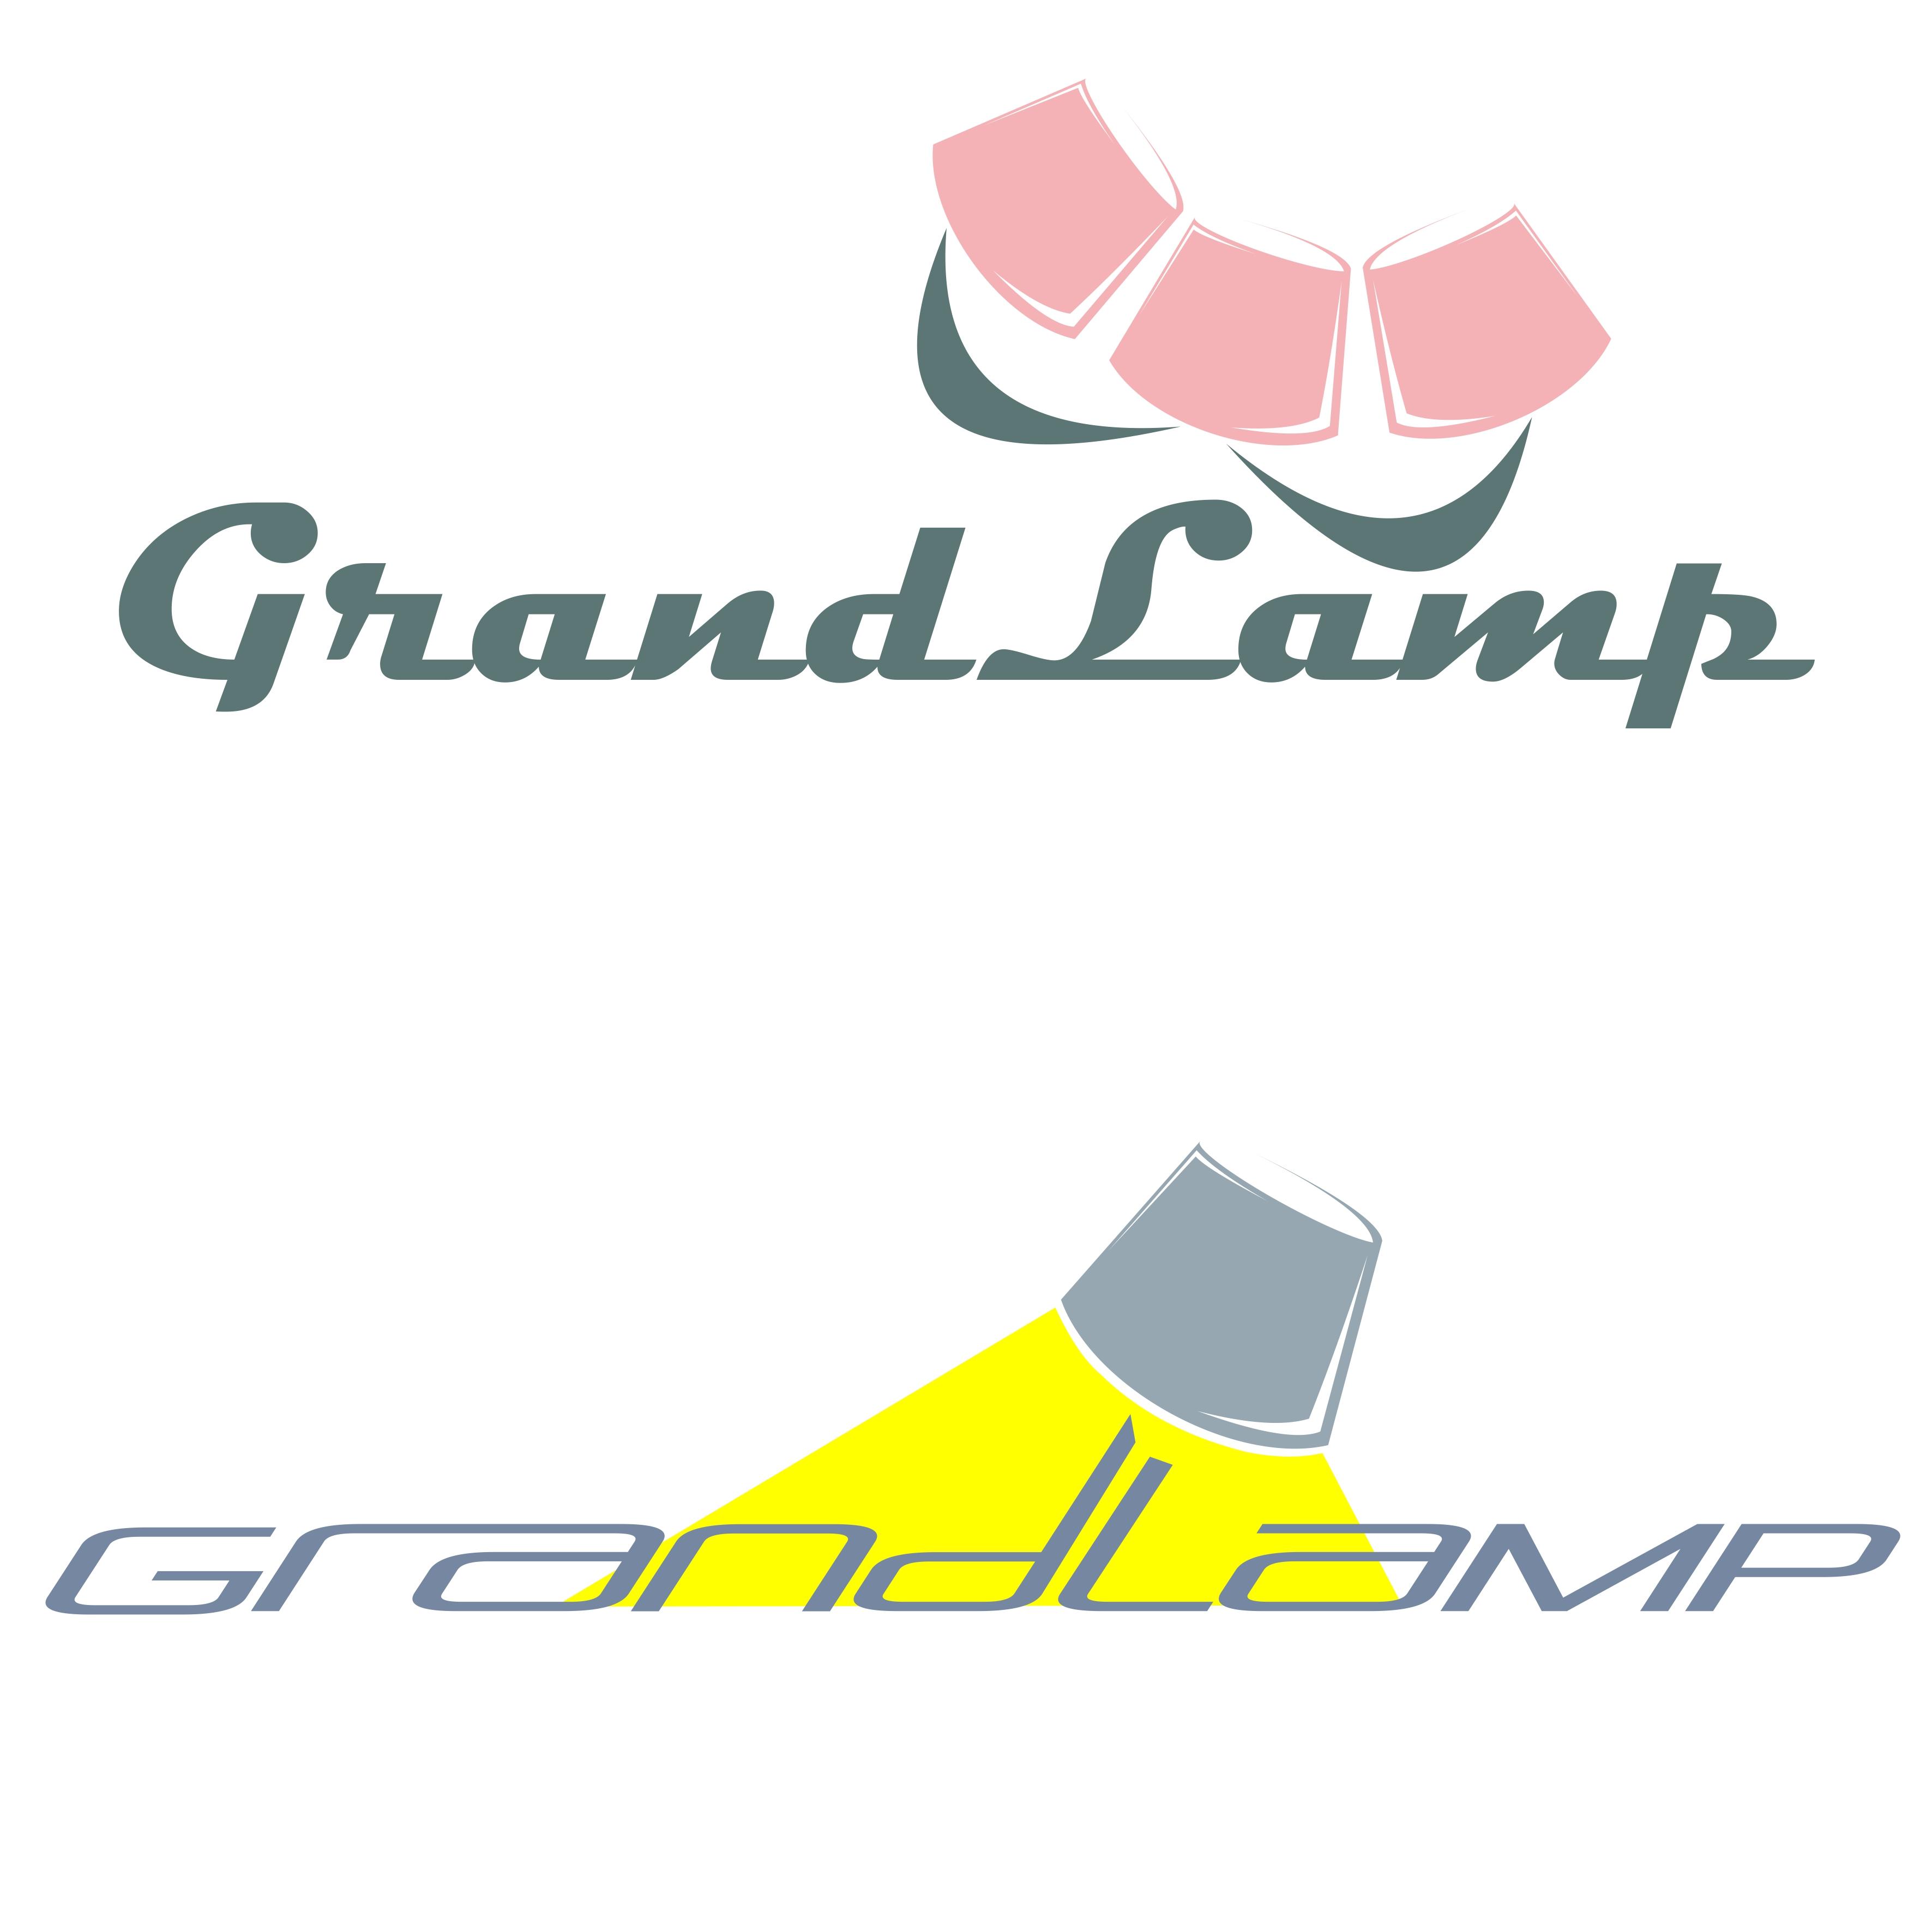 Разработка логотипа и элементов фирменного стиля фото f_18257dfd76eafb2a.jpg